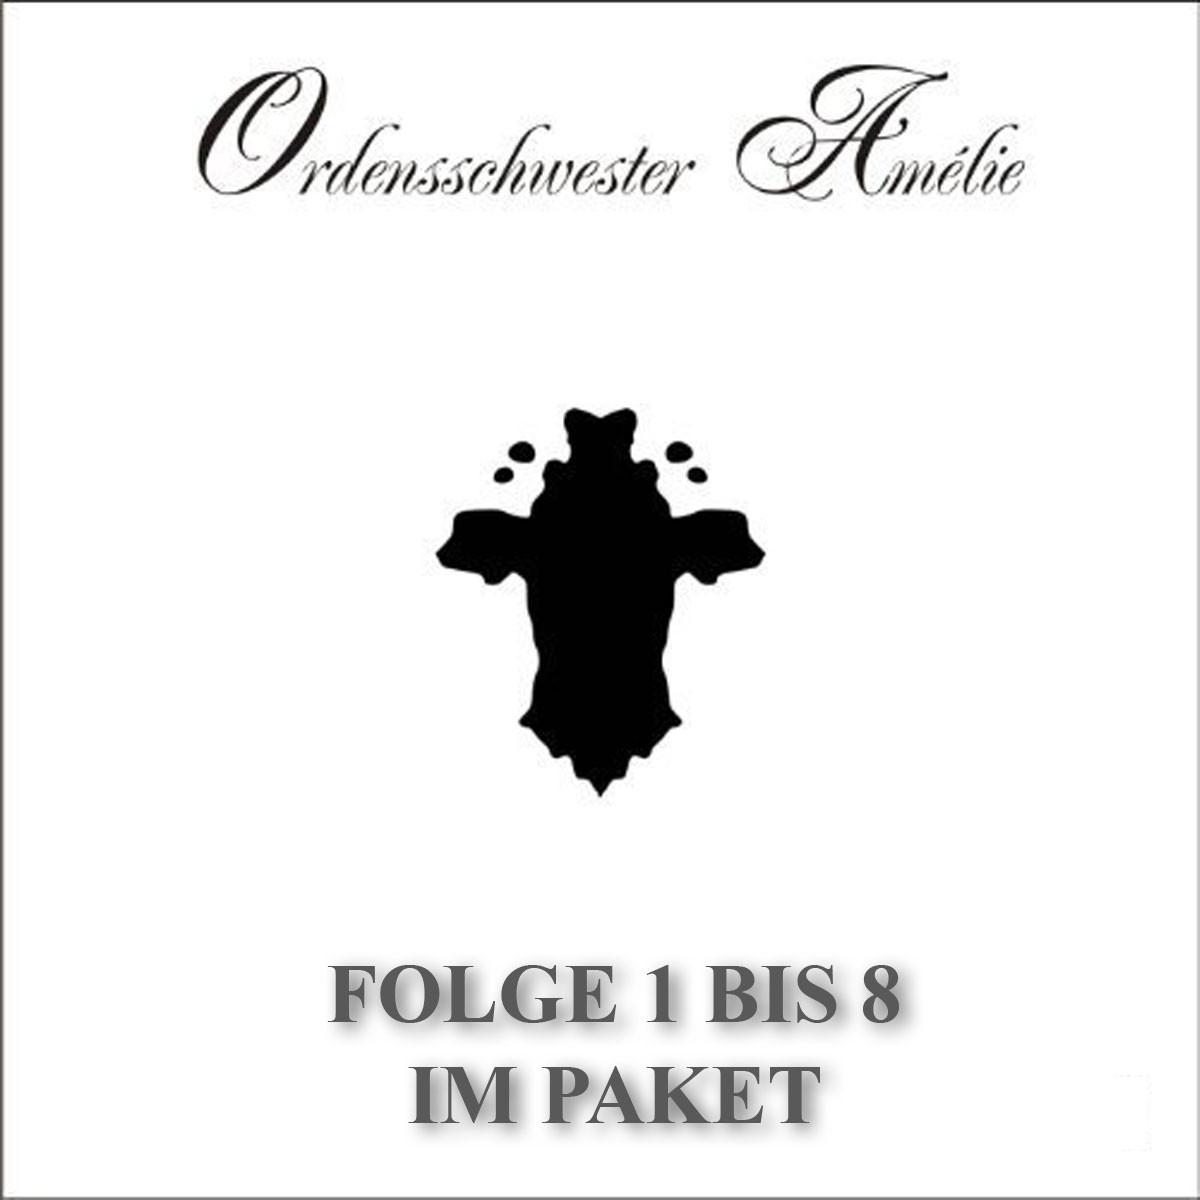 Ordensschwester Amelie Folge 01 - 08 Paket